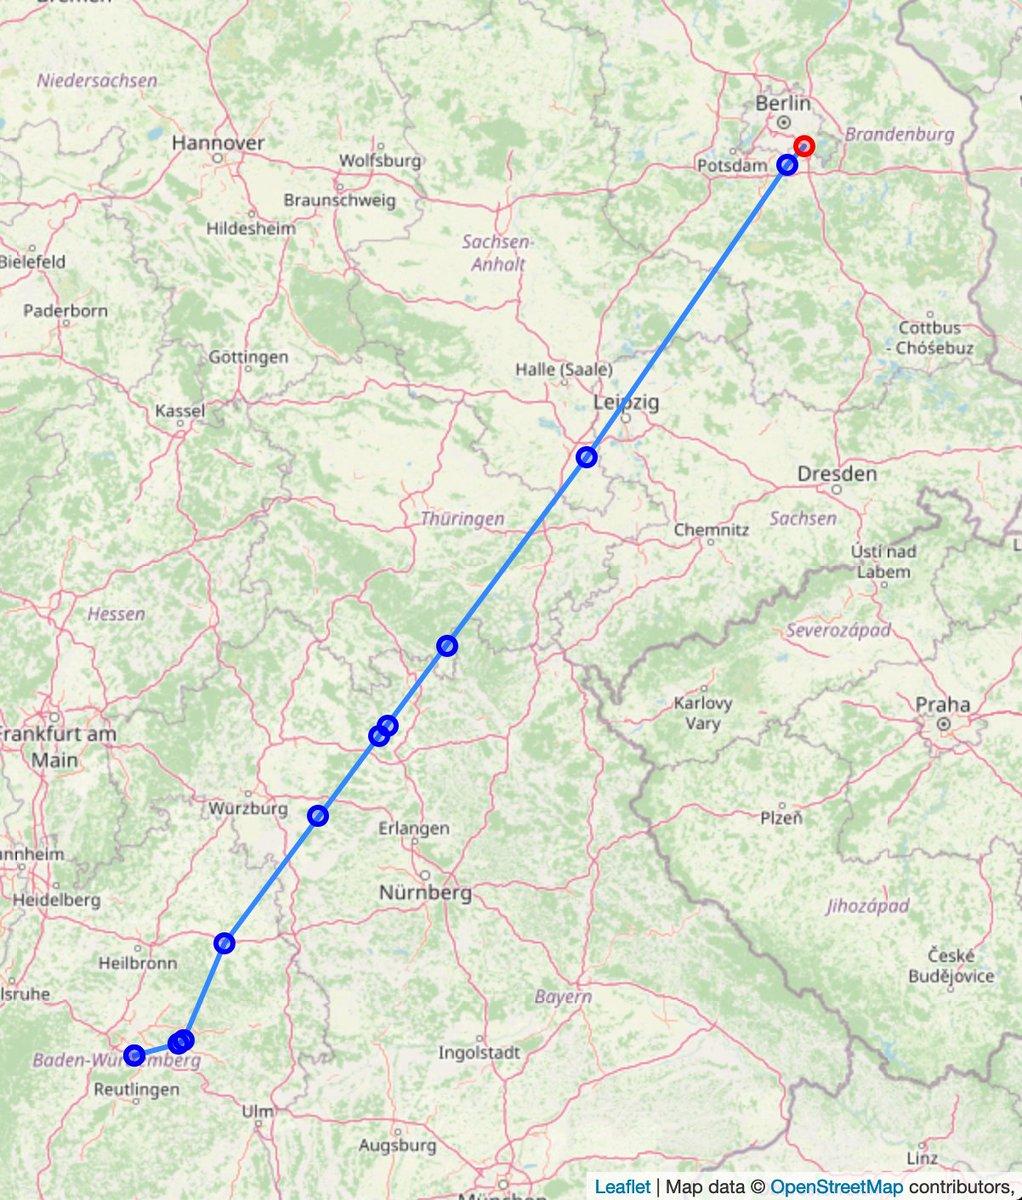 Geflogene Route basierend auf den GPS-Messpunkten